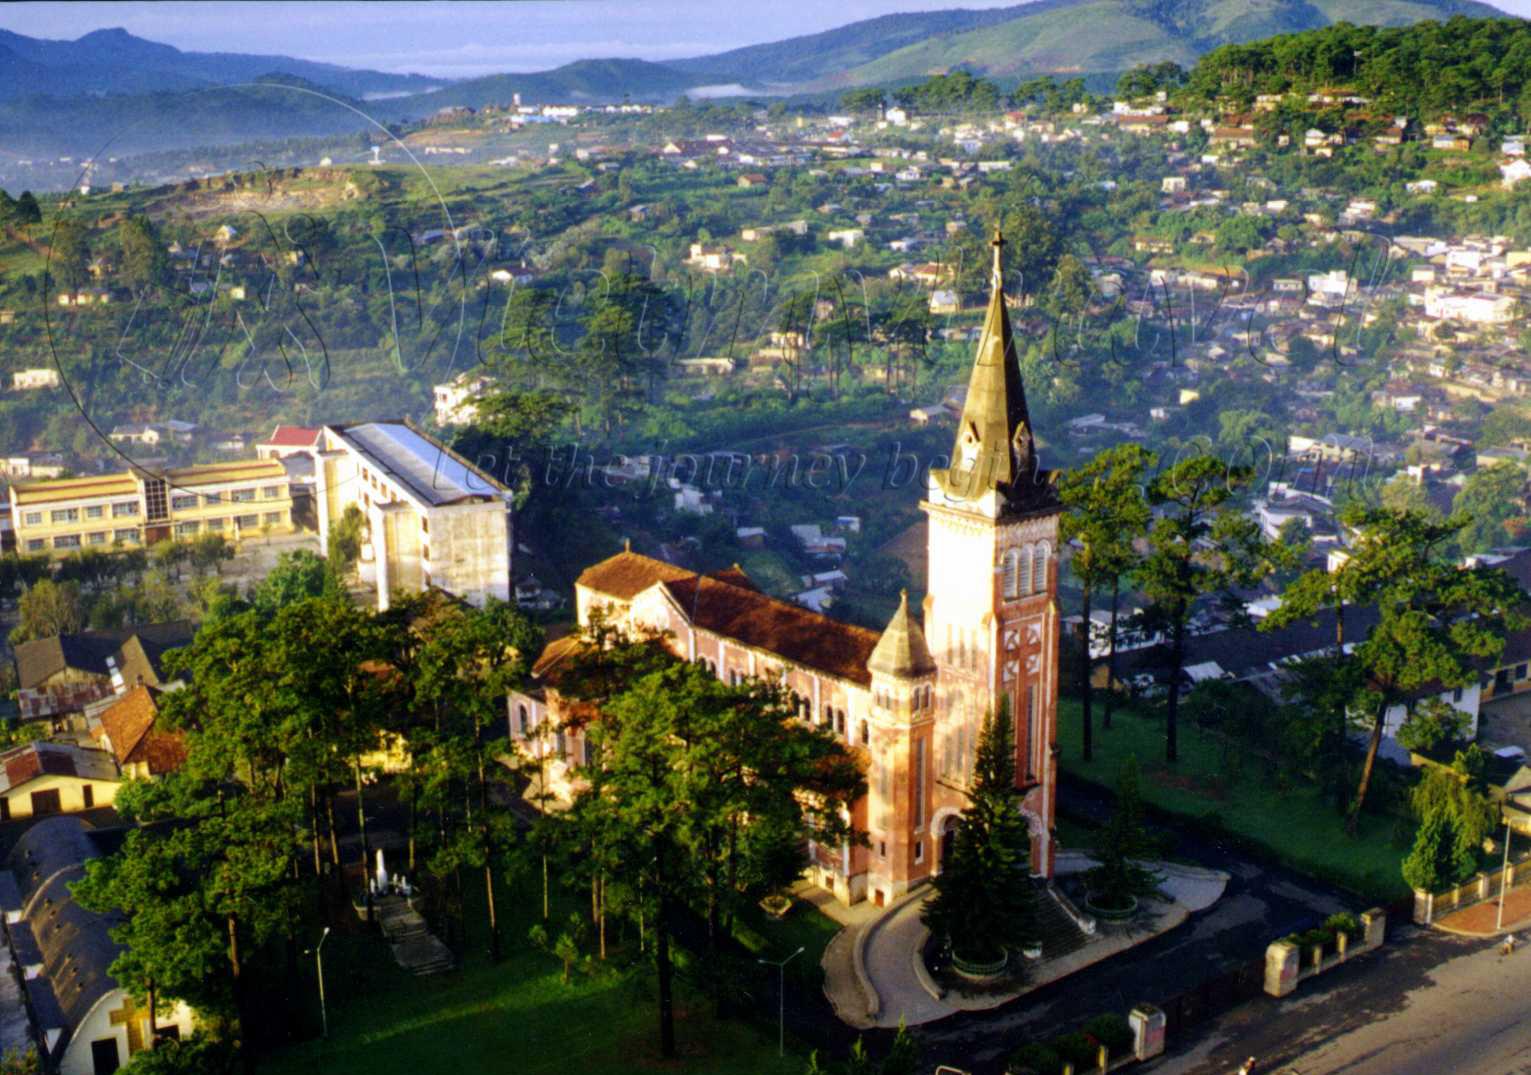 Nhà thờ con gà nhìn ra xung quanh